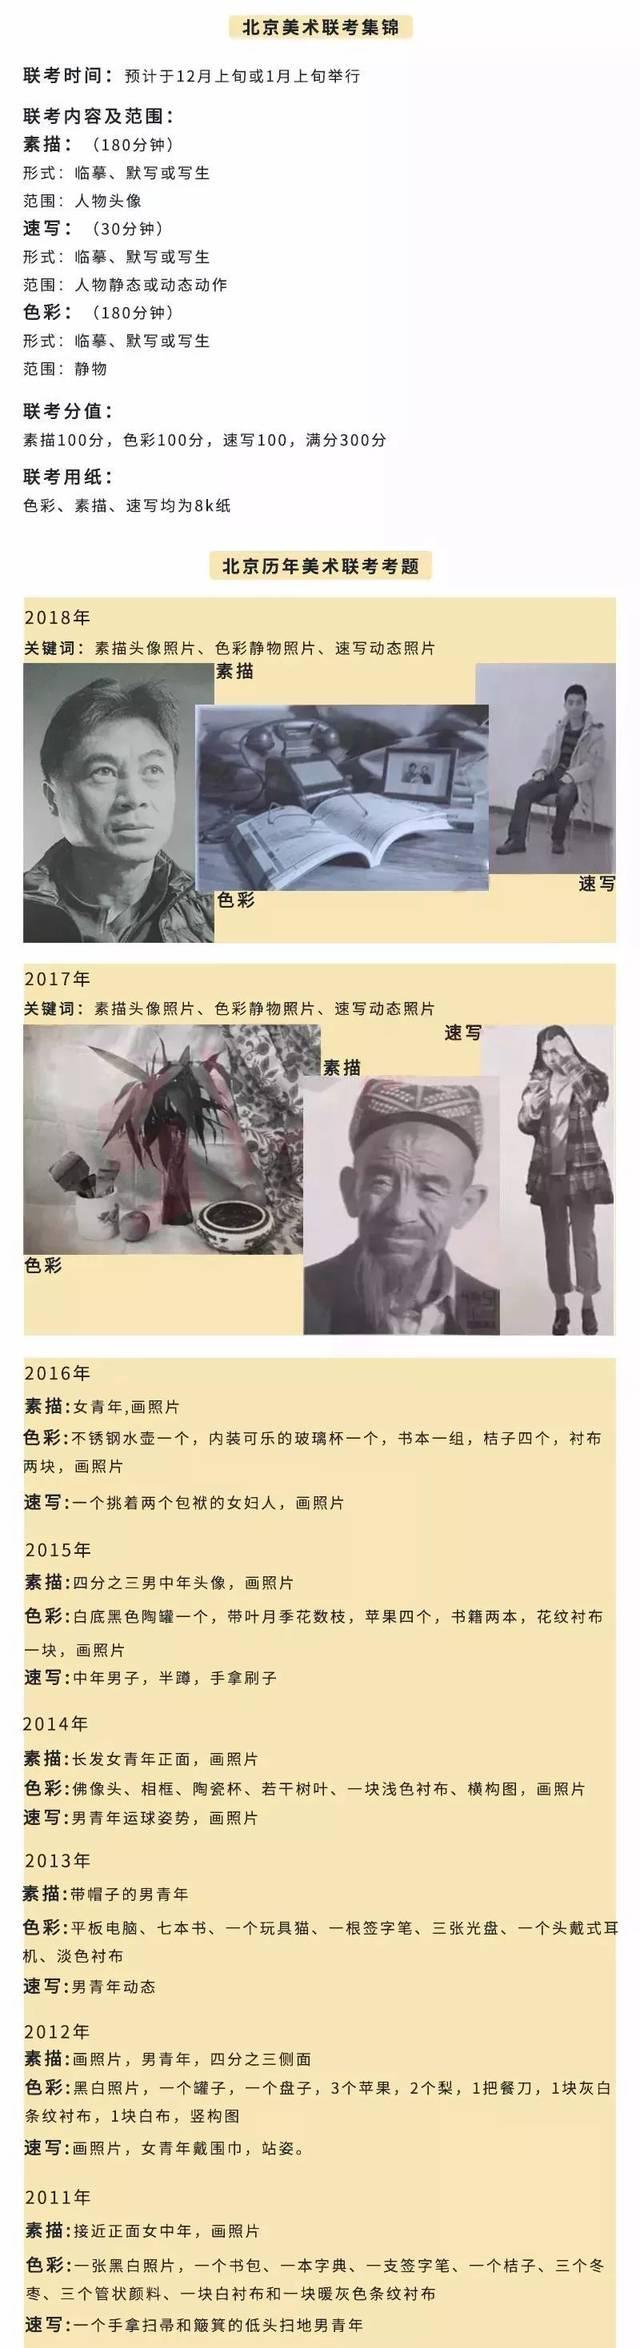 联考资讯2019年美术联考报名及省统考时间汇总_北京赛车规律